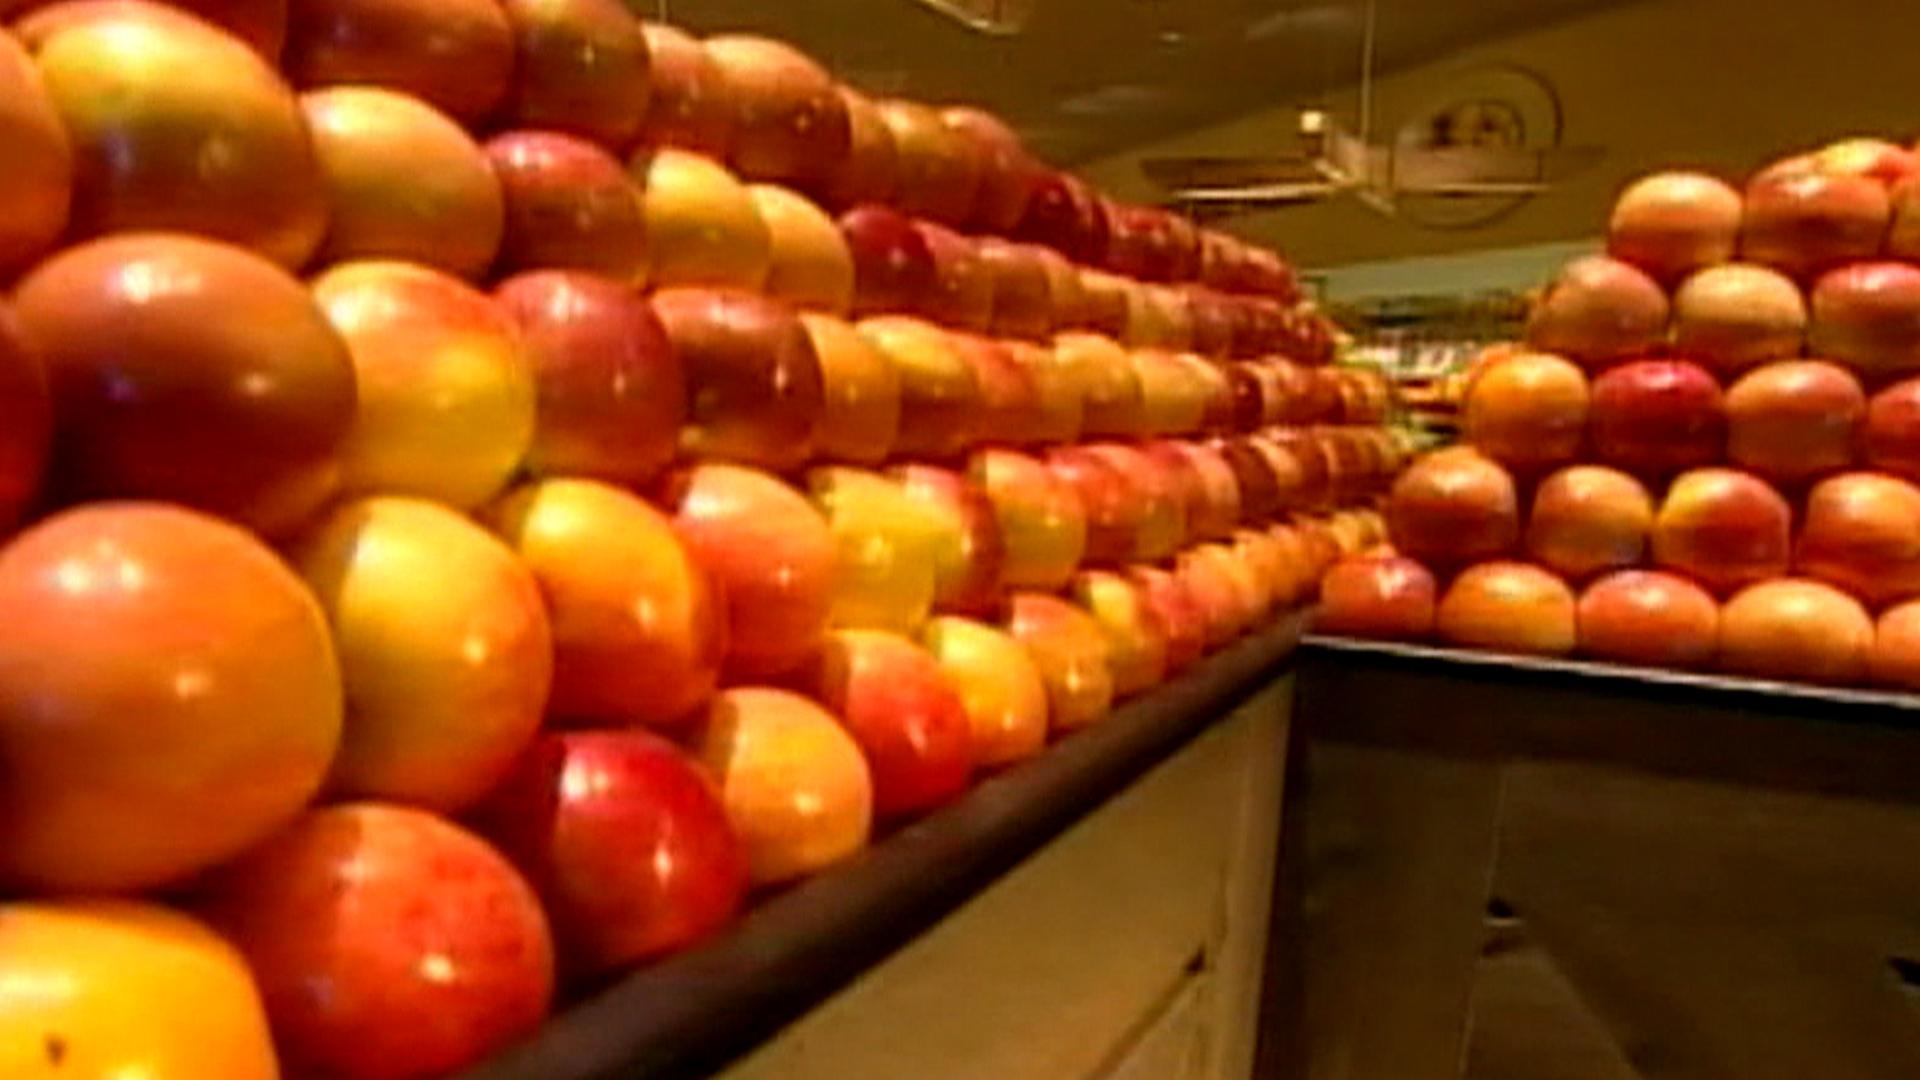 FDA Reduces Arsenic Levels In Apple Juice